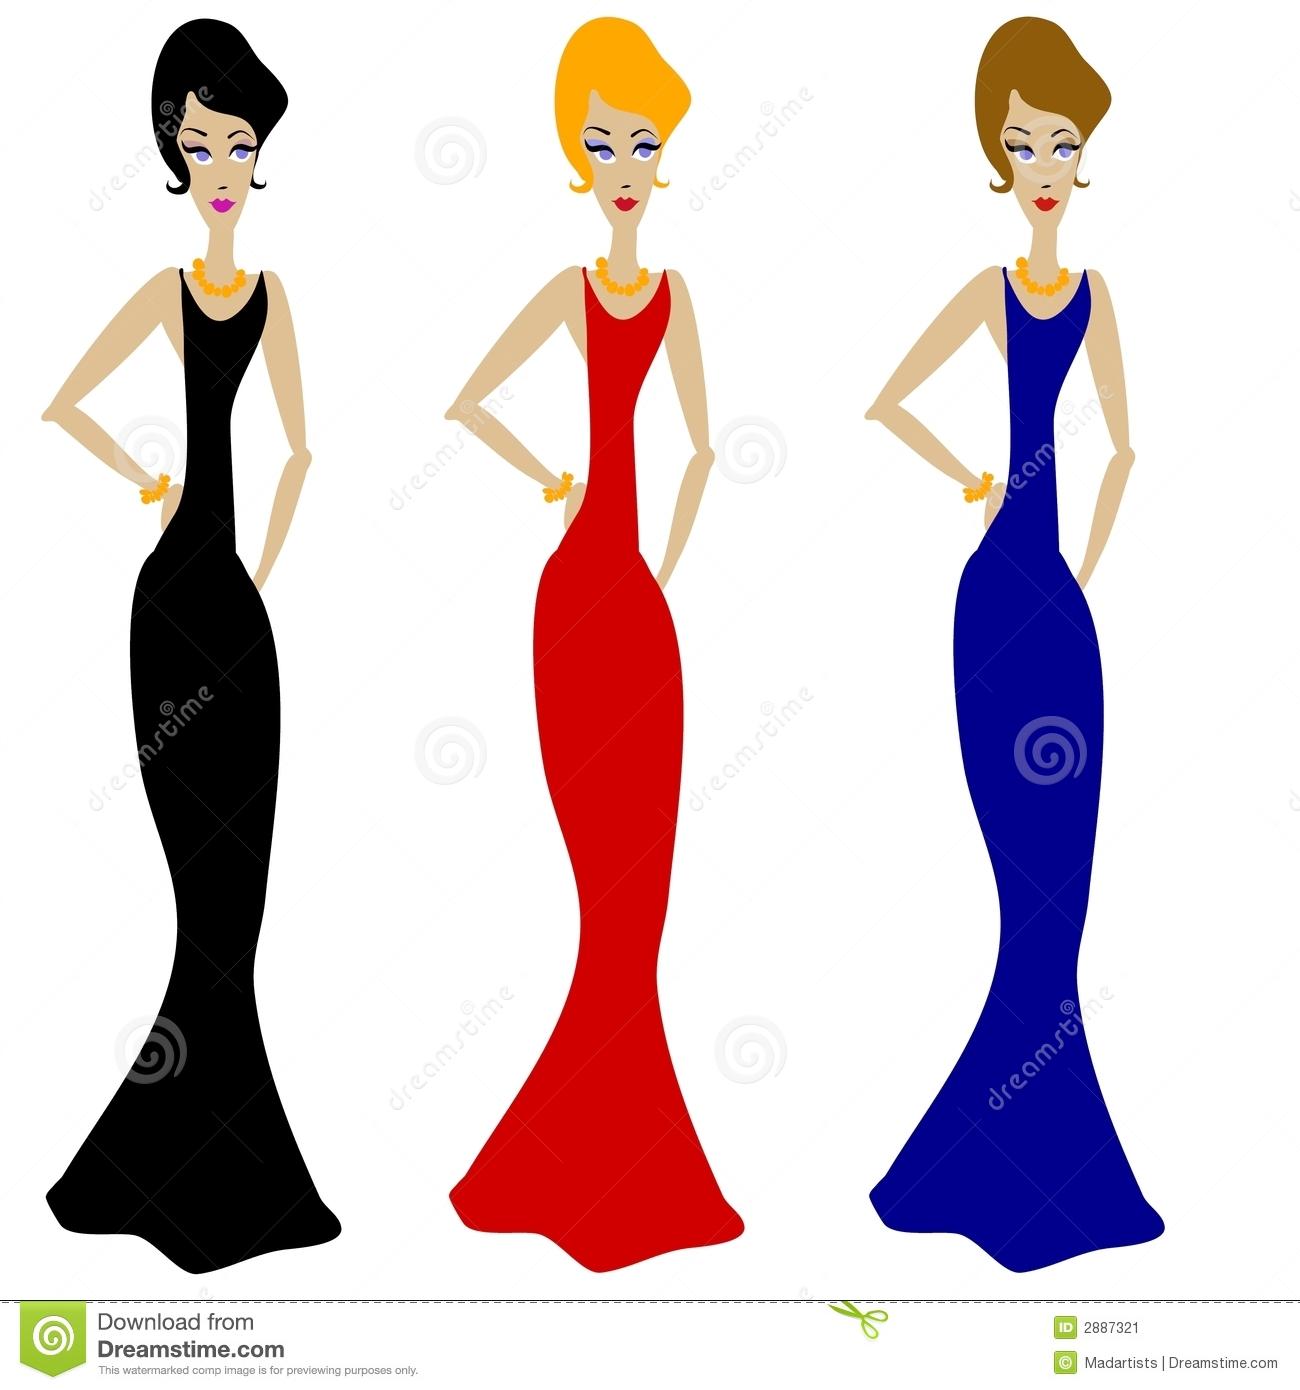 Gown clipart 3 woman 3 cliparts Women Dresses Clipart